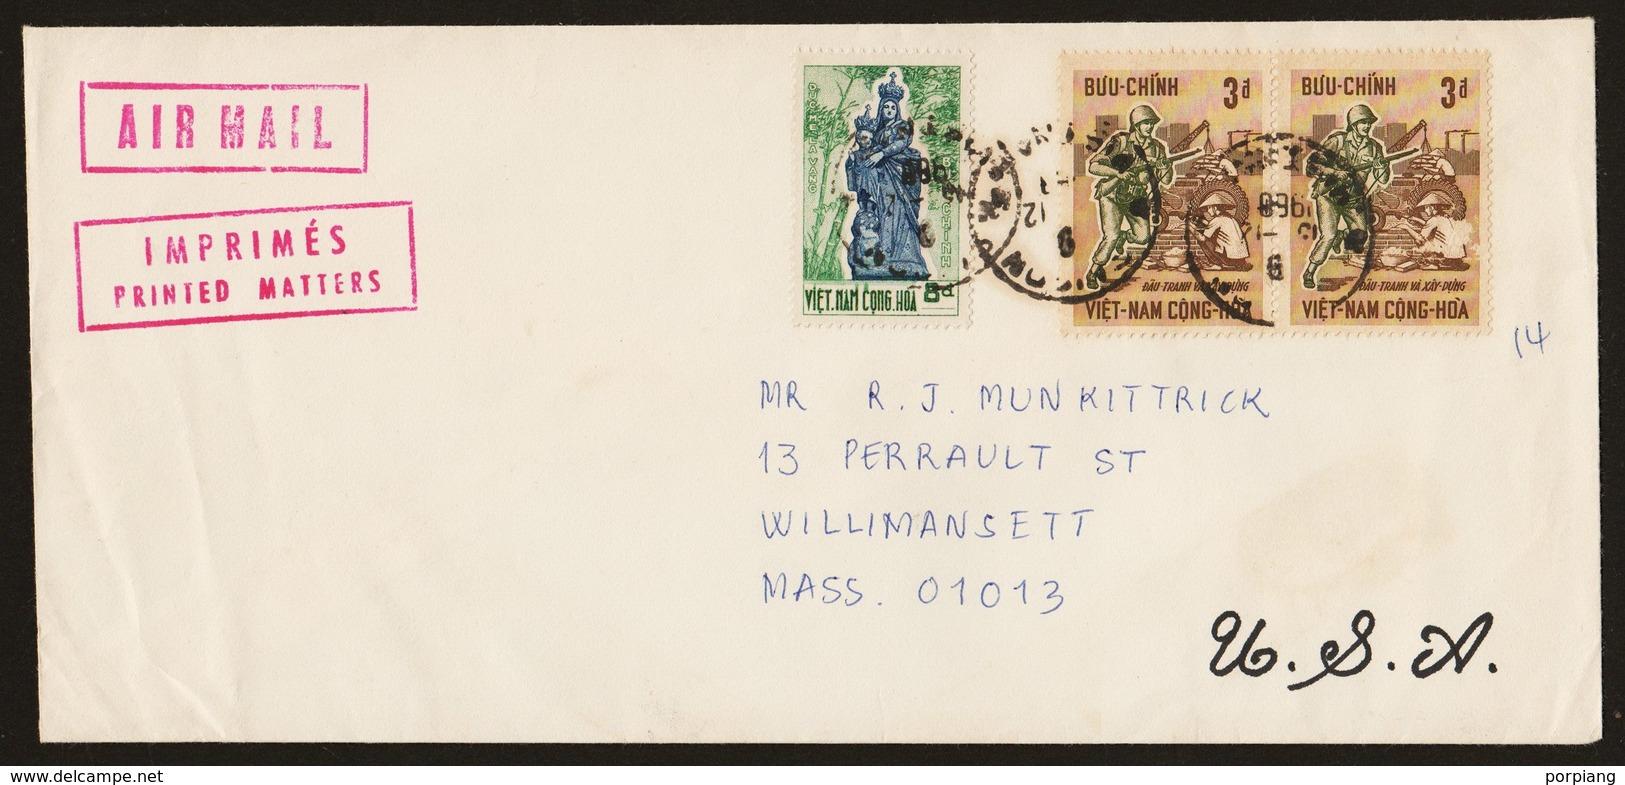 1968 Letter From Saigon South Vietnam To Mass USA - Viêt-Nam